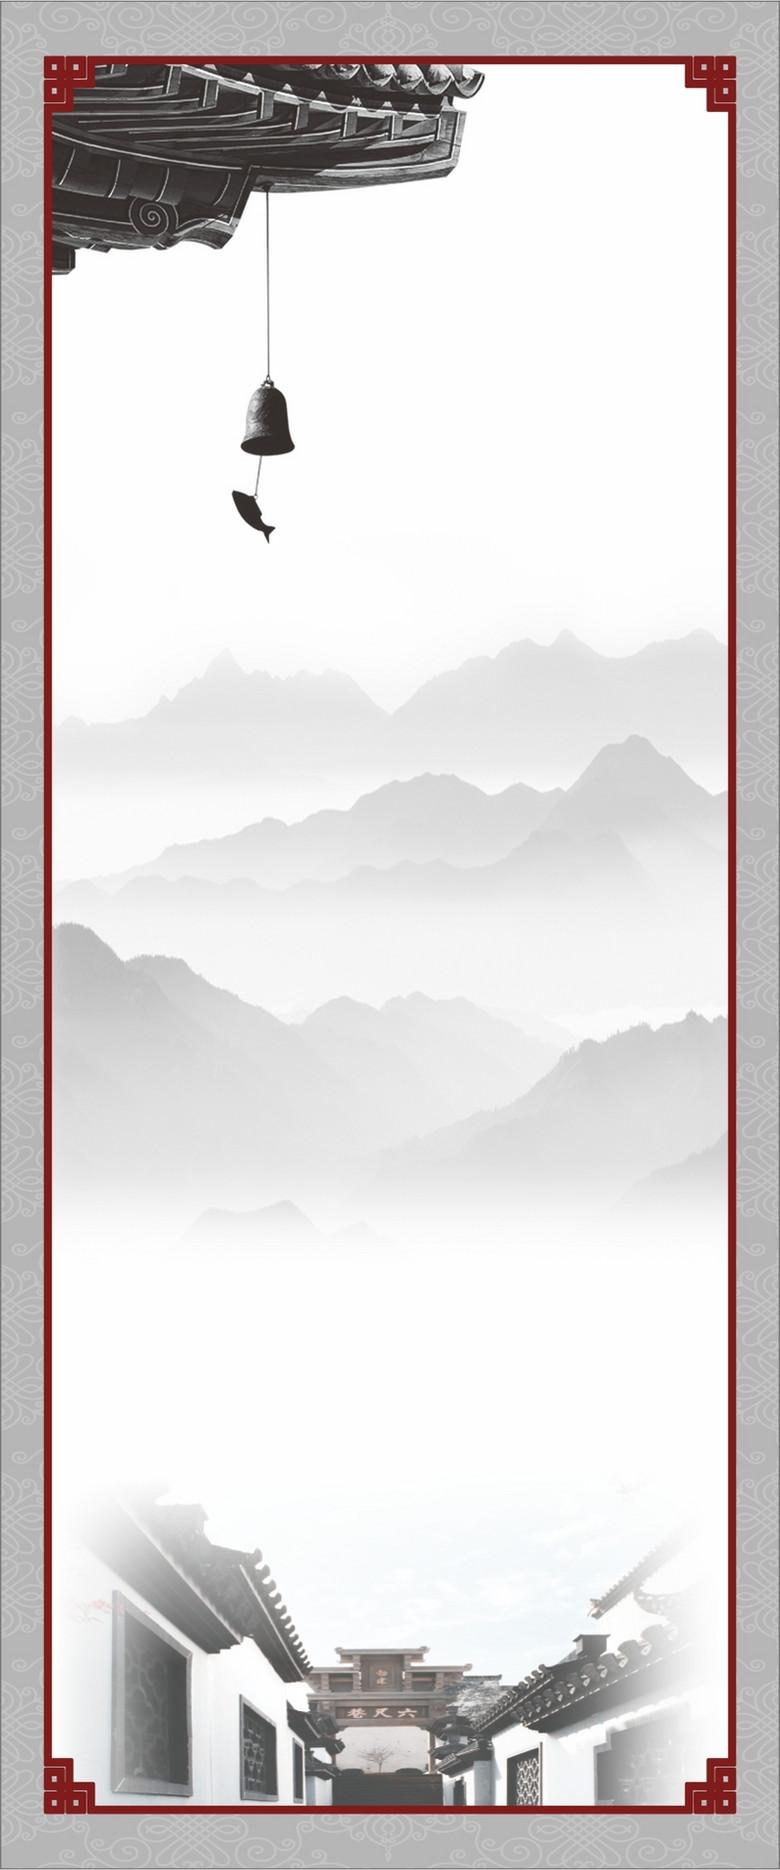 中国风屋檐展架背景